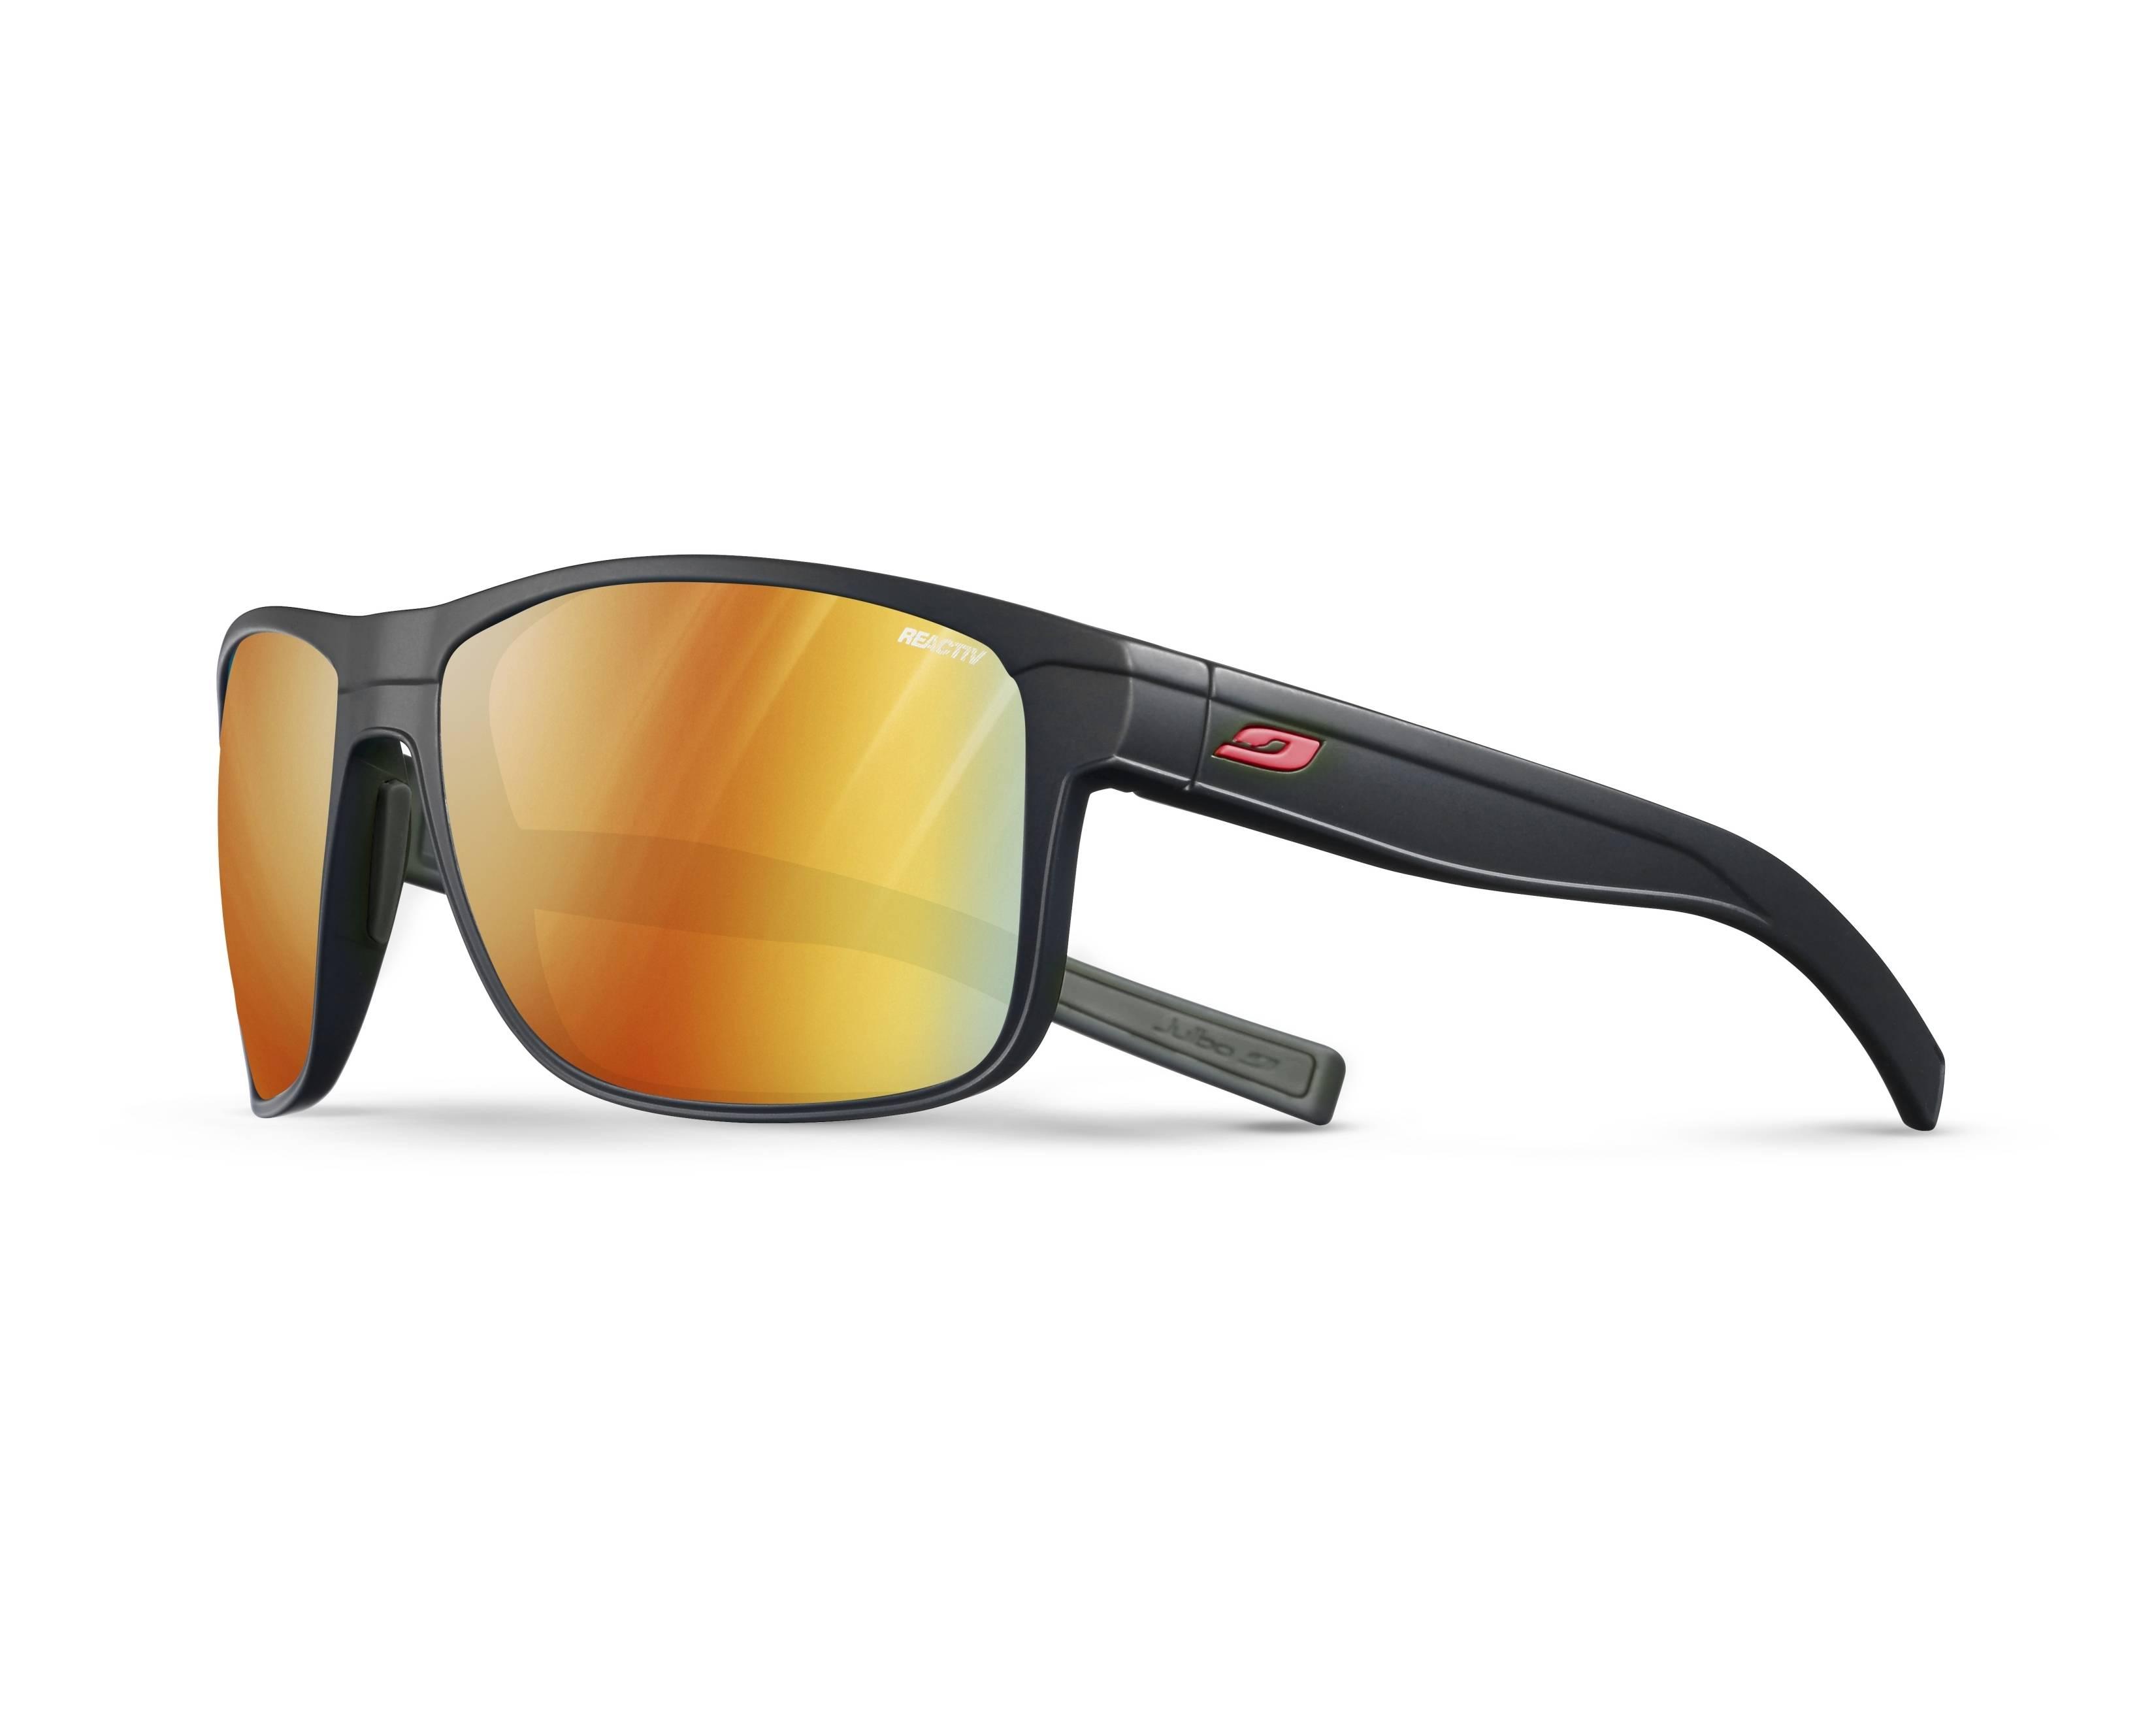 bc136c79282 Sunglasses Julbo J499 3314 61-17 Black profile view